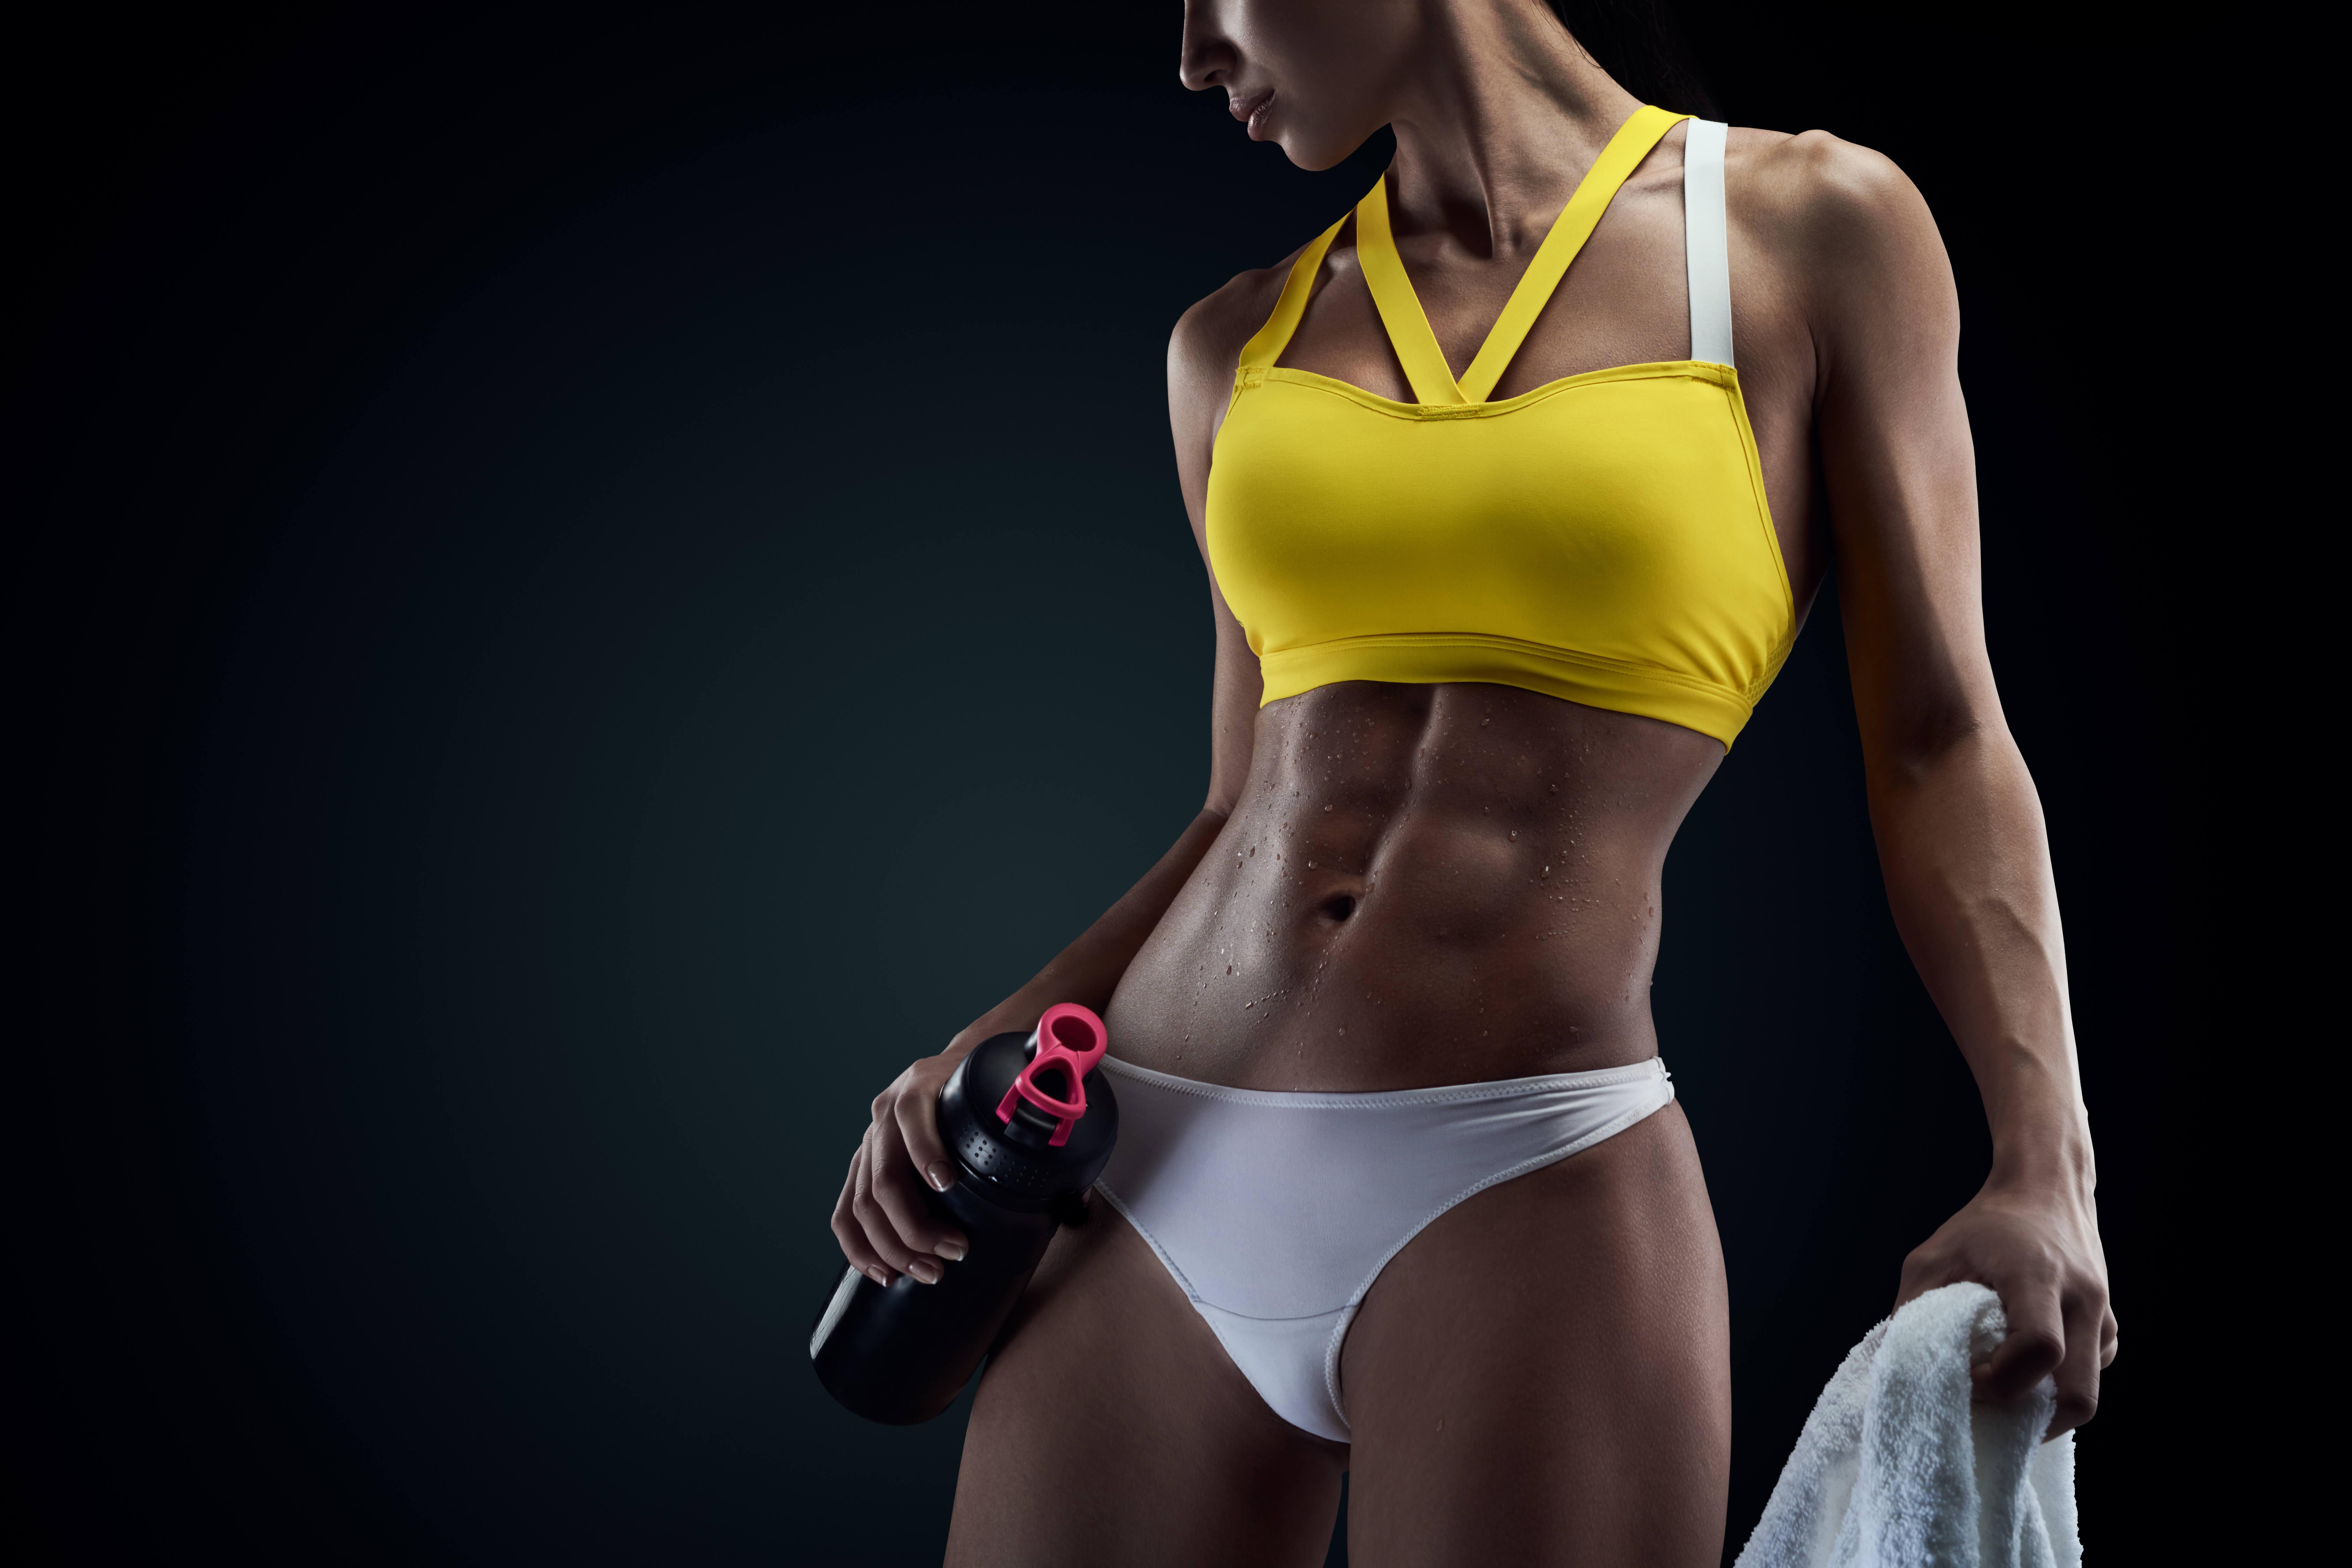 Stoffwechsel anregen und abnehmen mit diesen 5 Tipps!